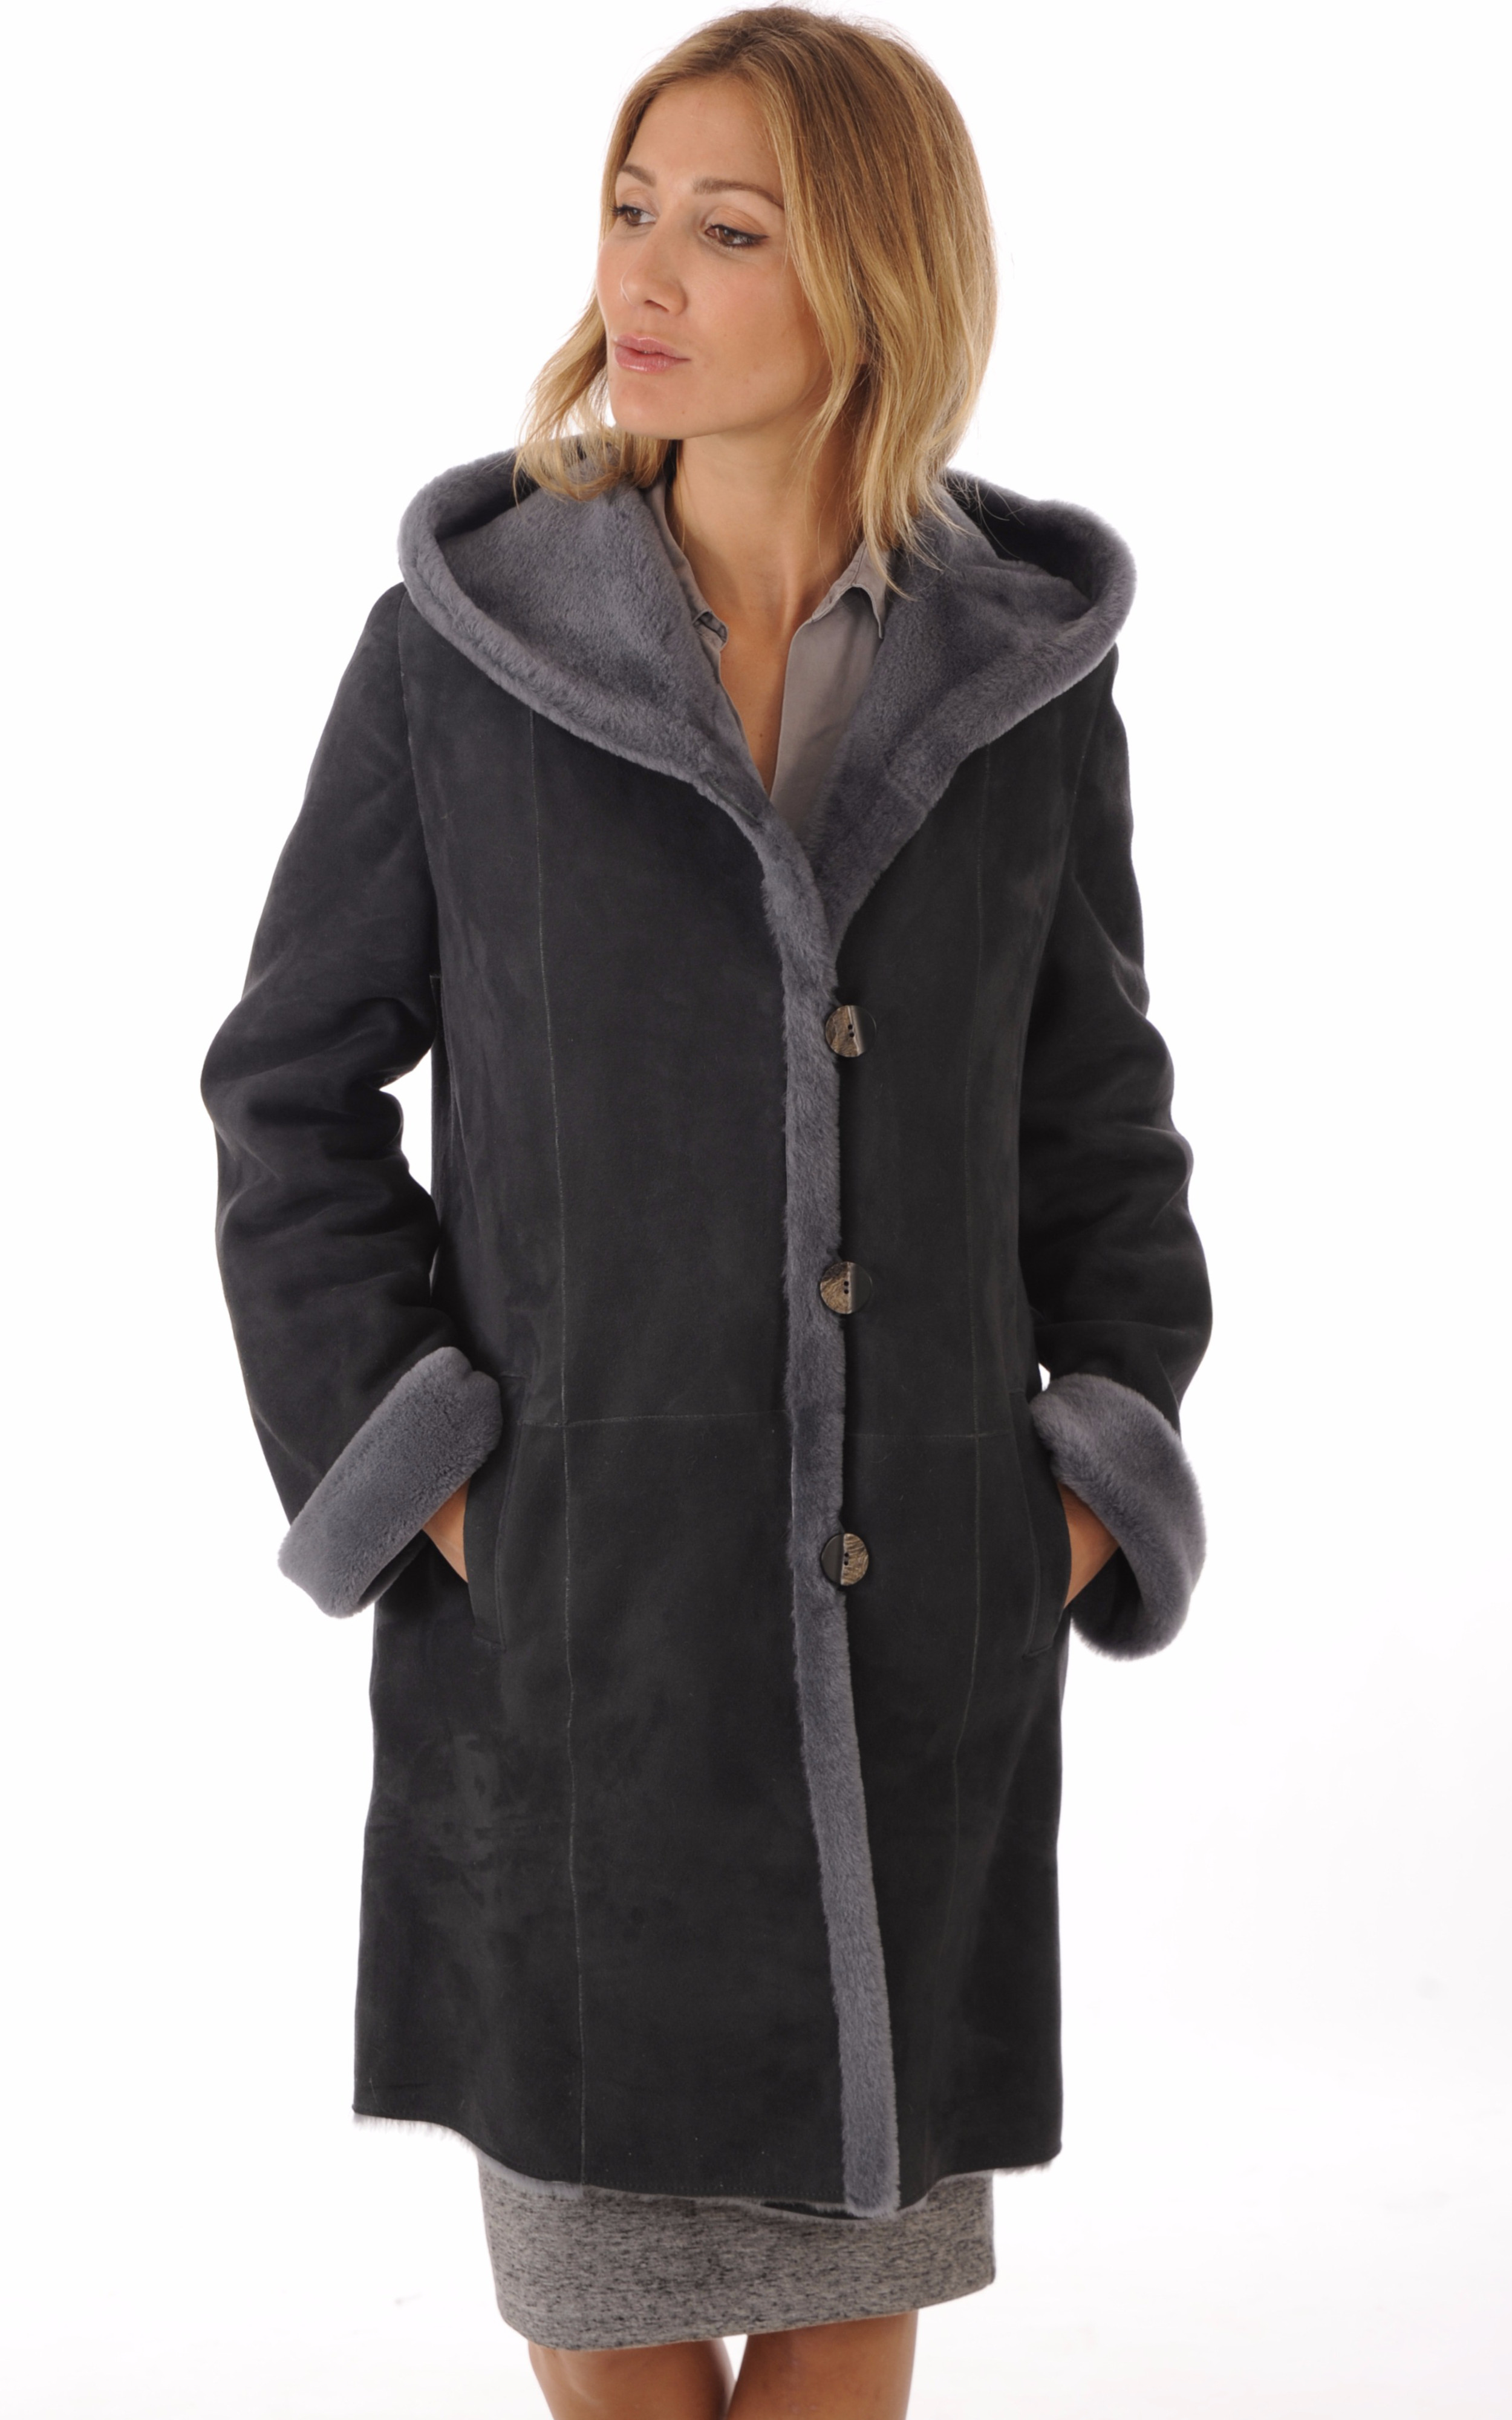 Manteau peau lainée mérinos bleu La Canadienne